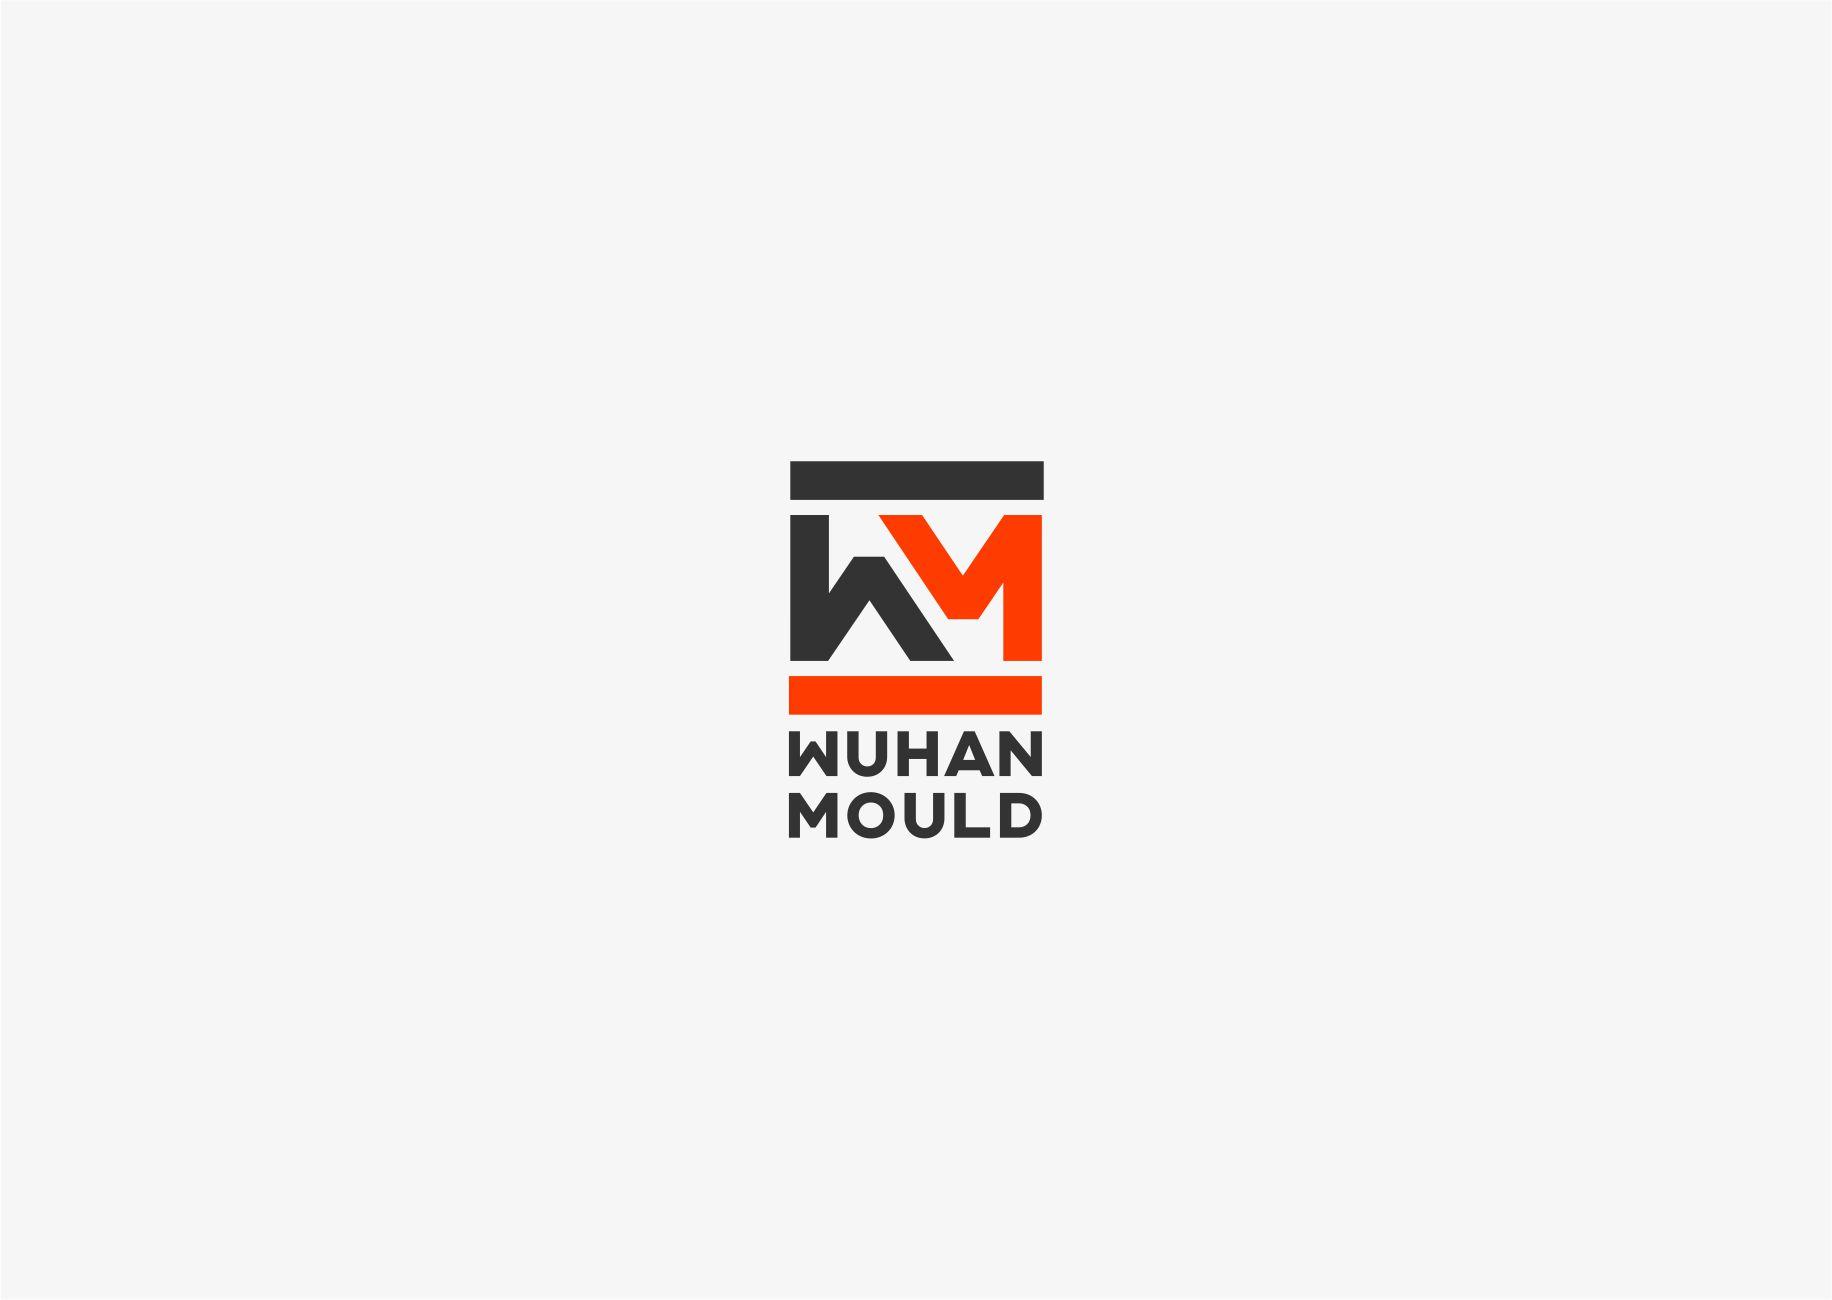 Создать логотип для фабрики пресс-форм фото f_911598a170d3b601.jpg